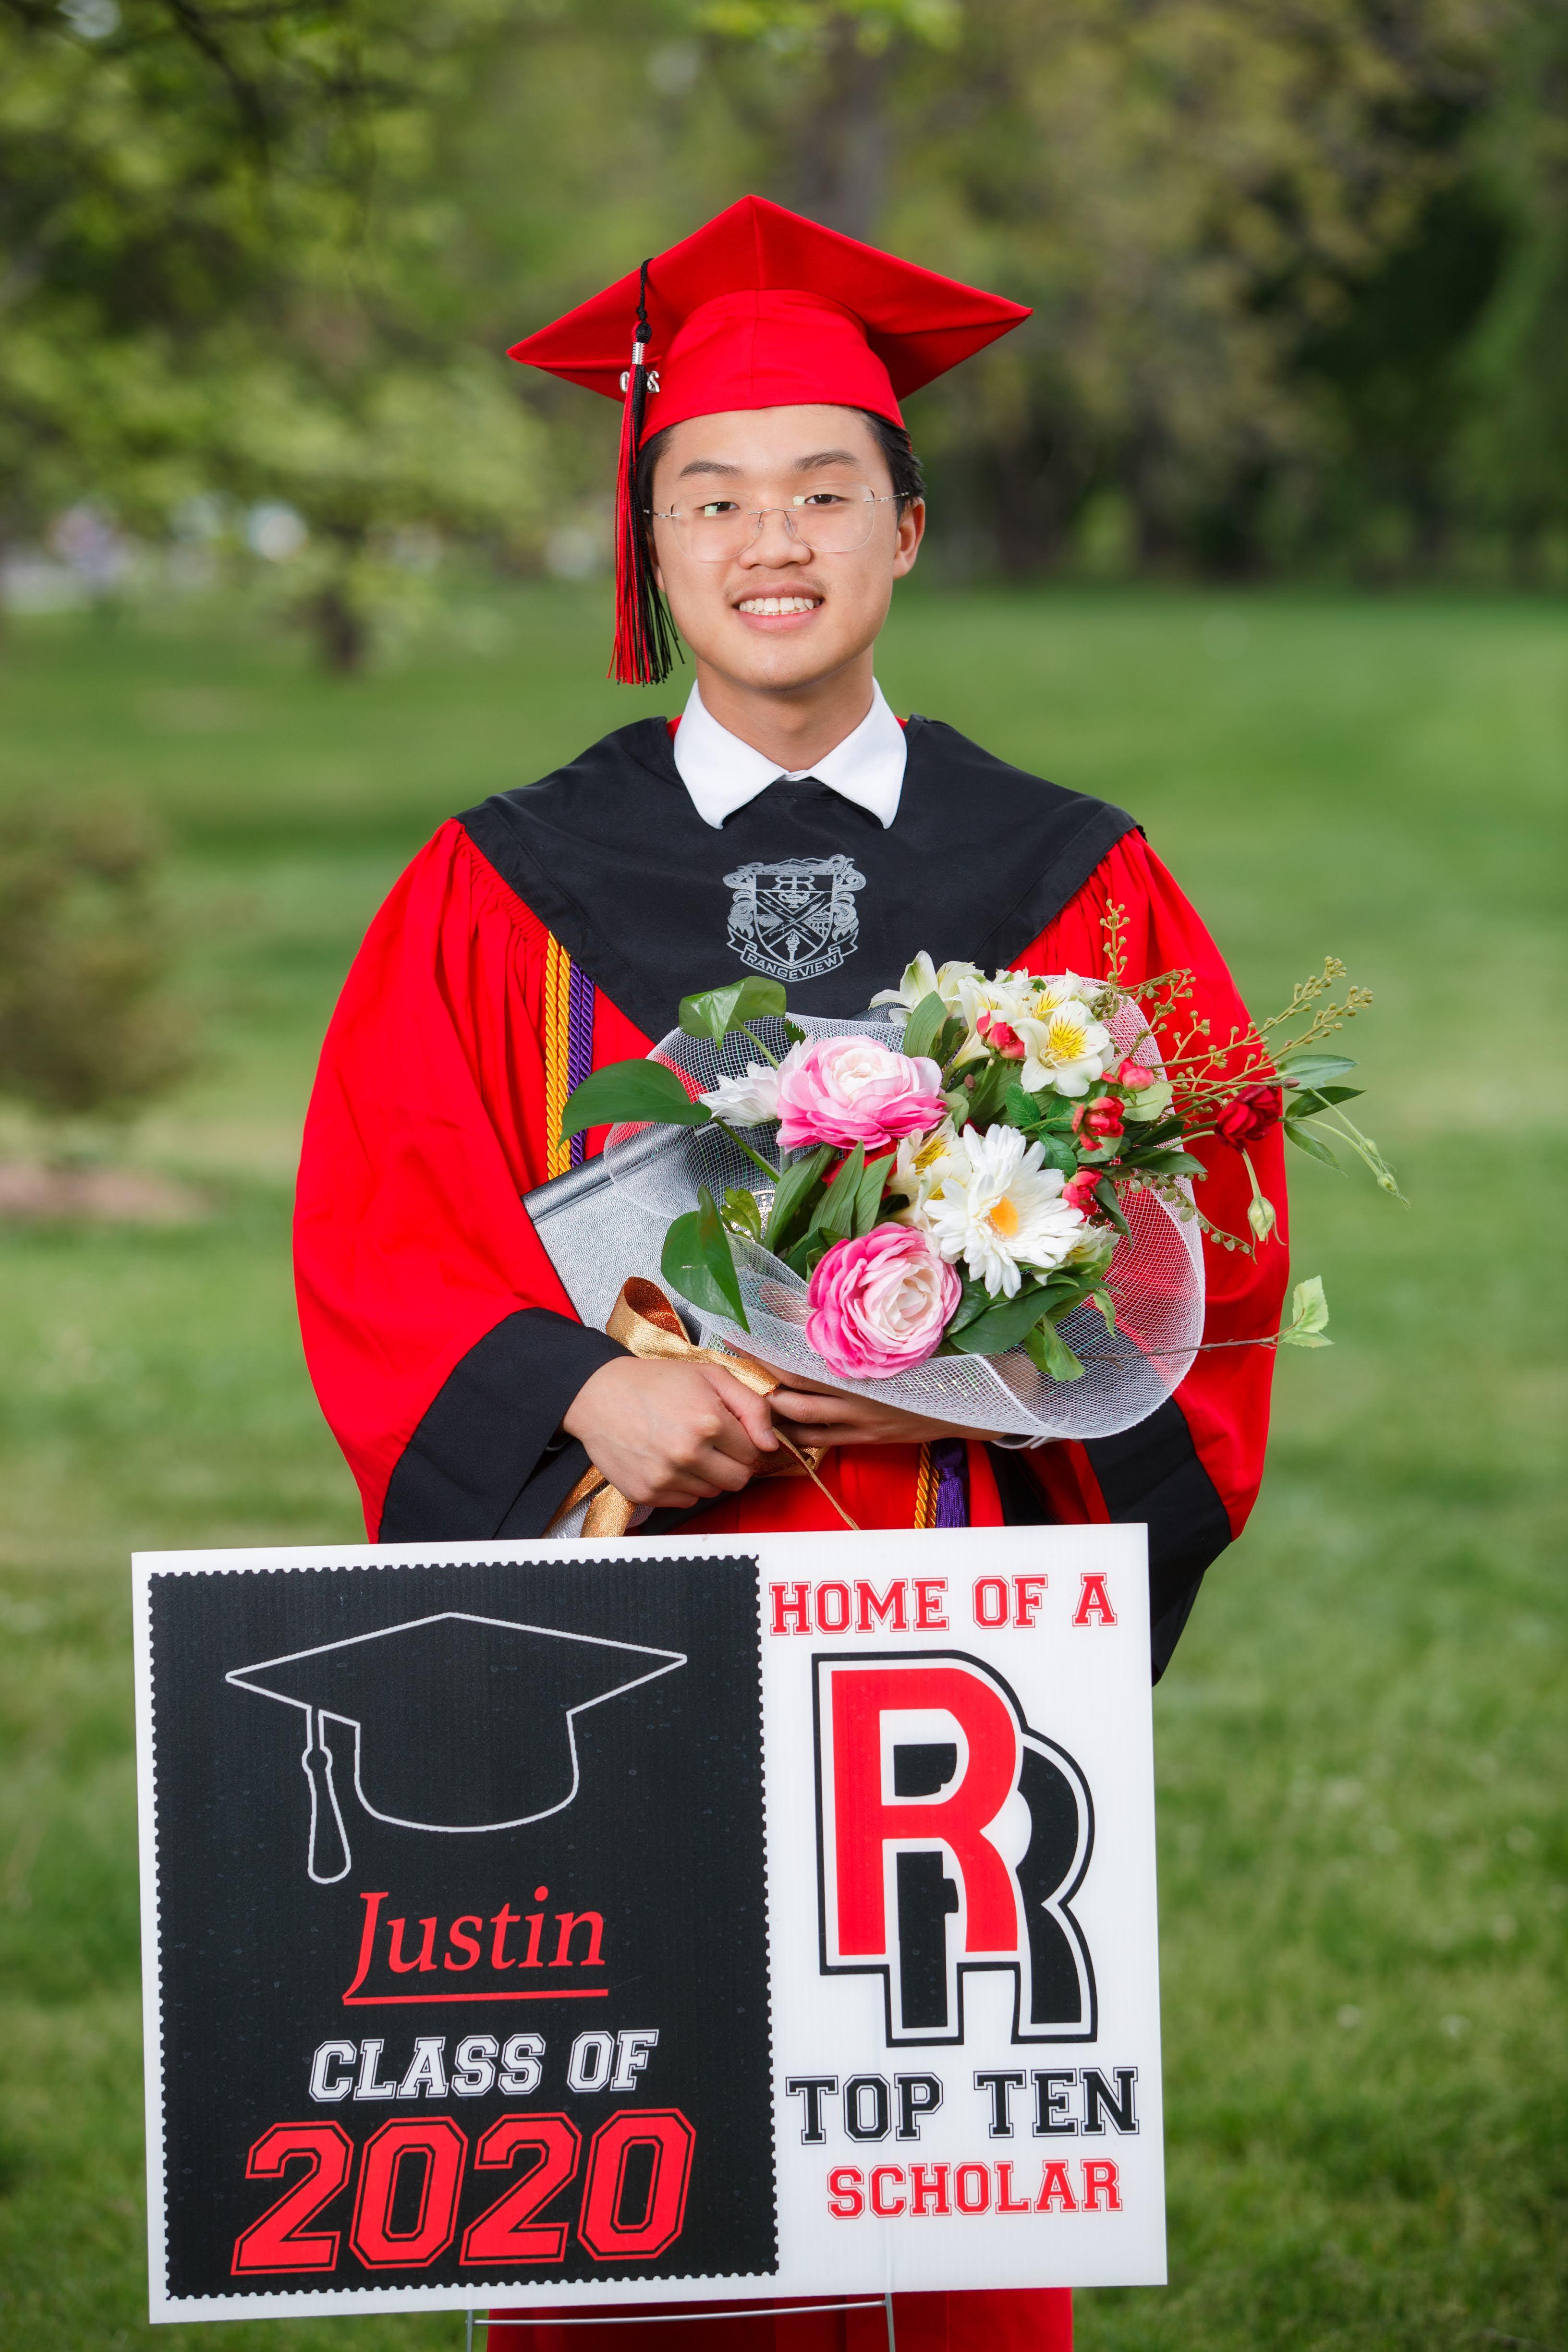 Congratulations Justin Hoang!  Class of 2020